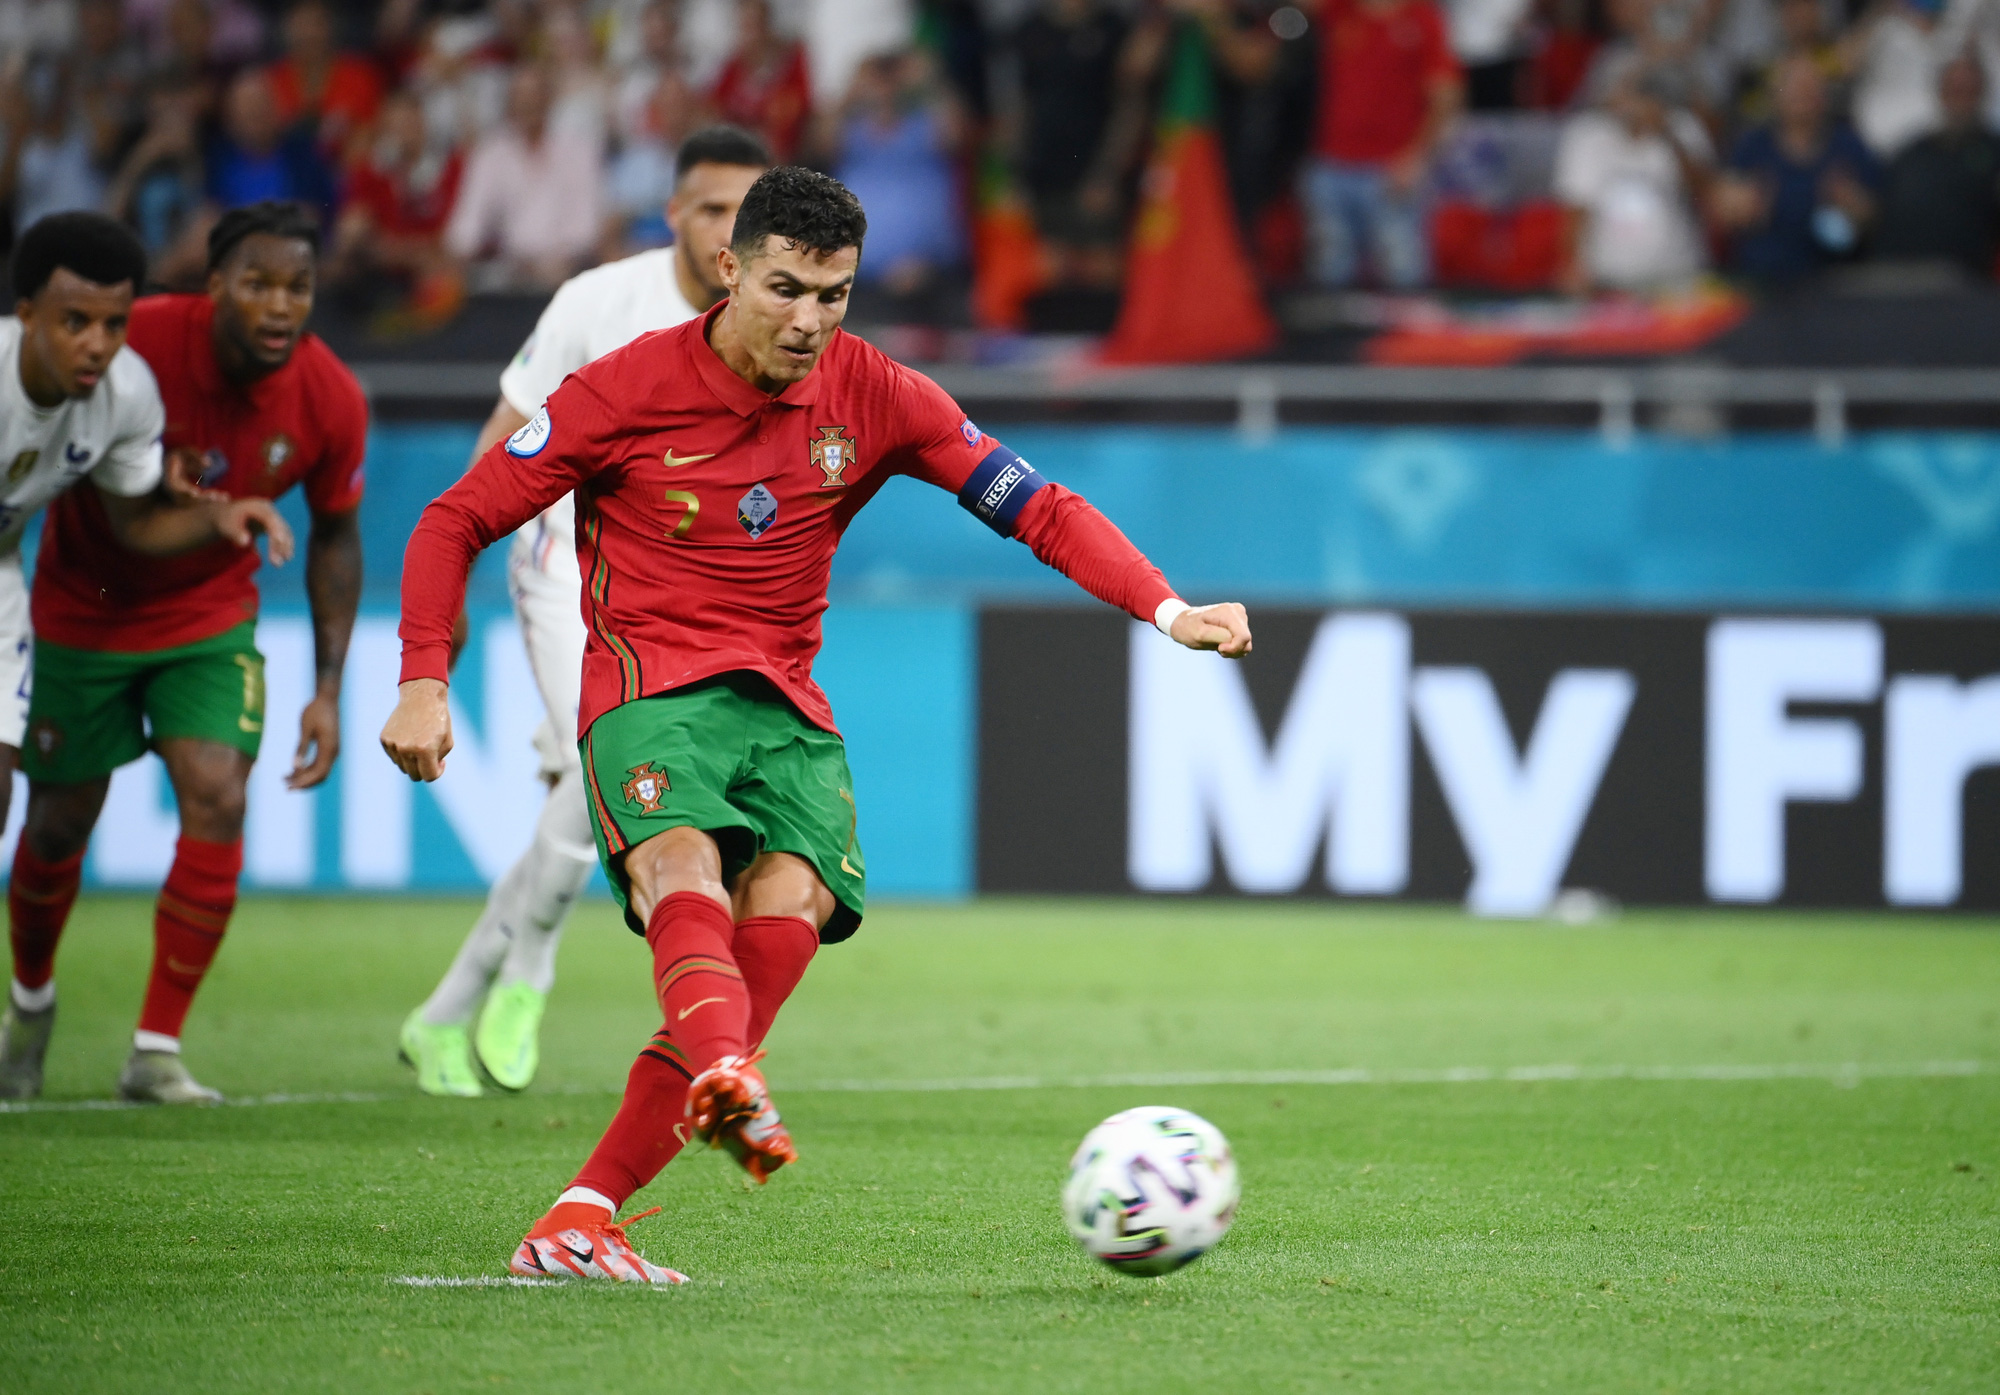 Sau khi giành được danh hiệu Vua phá lưới Euro 2020, Ronaldo đã gửi lời cảm ơn tới mọi người